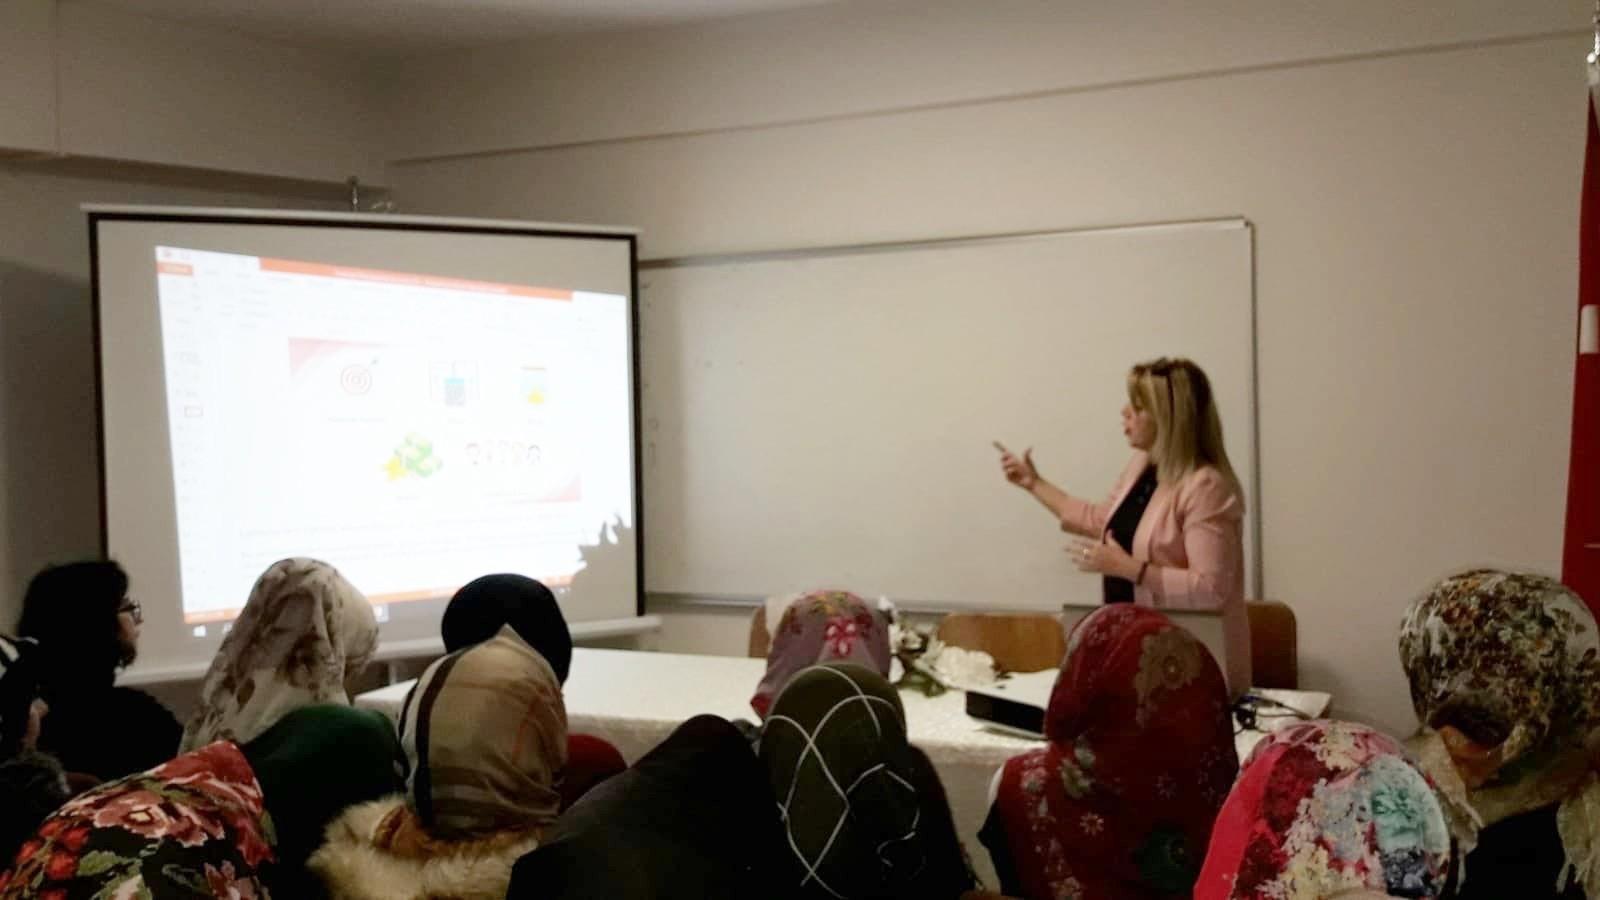 Erzurum'da 'Finansal Okuryazarlık' semineri